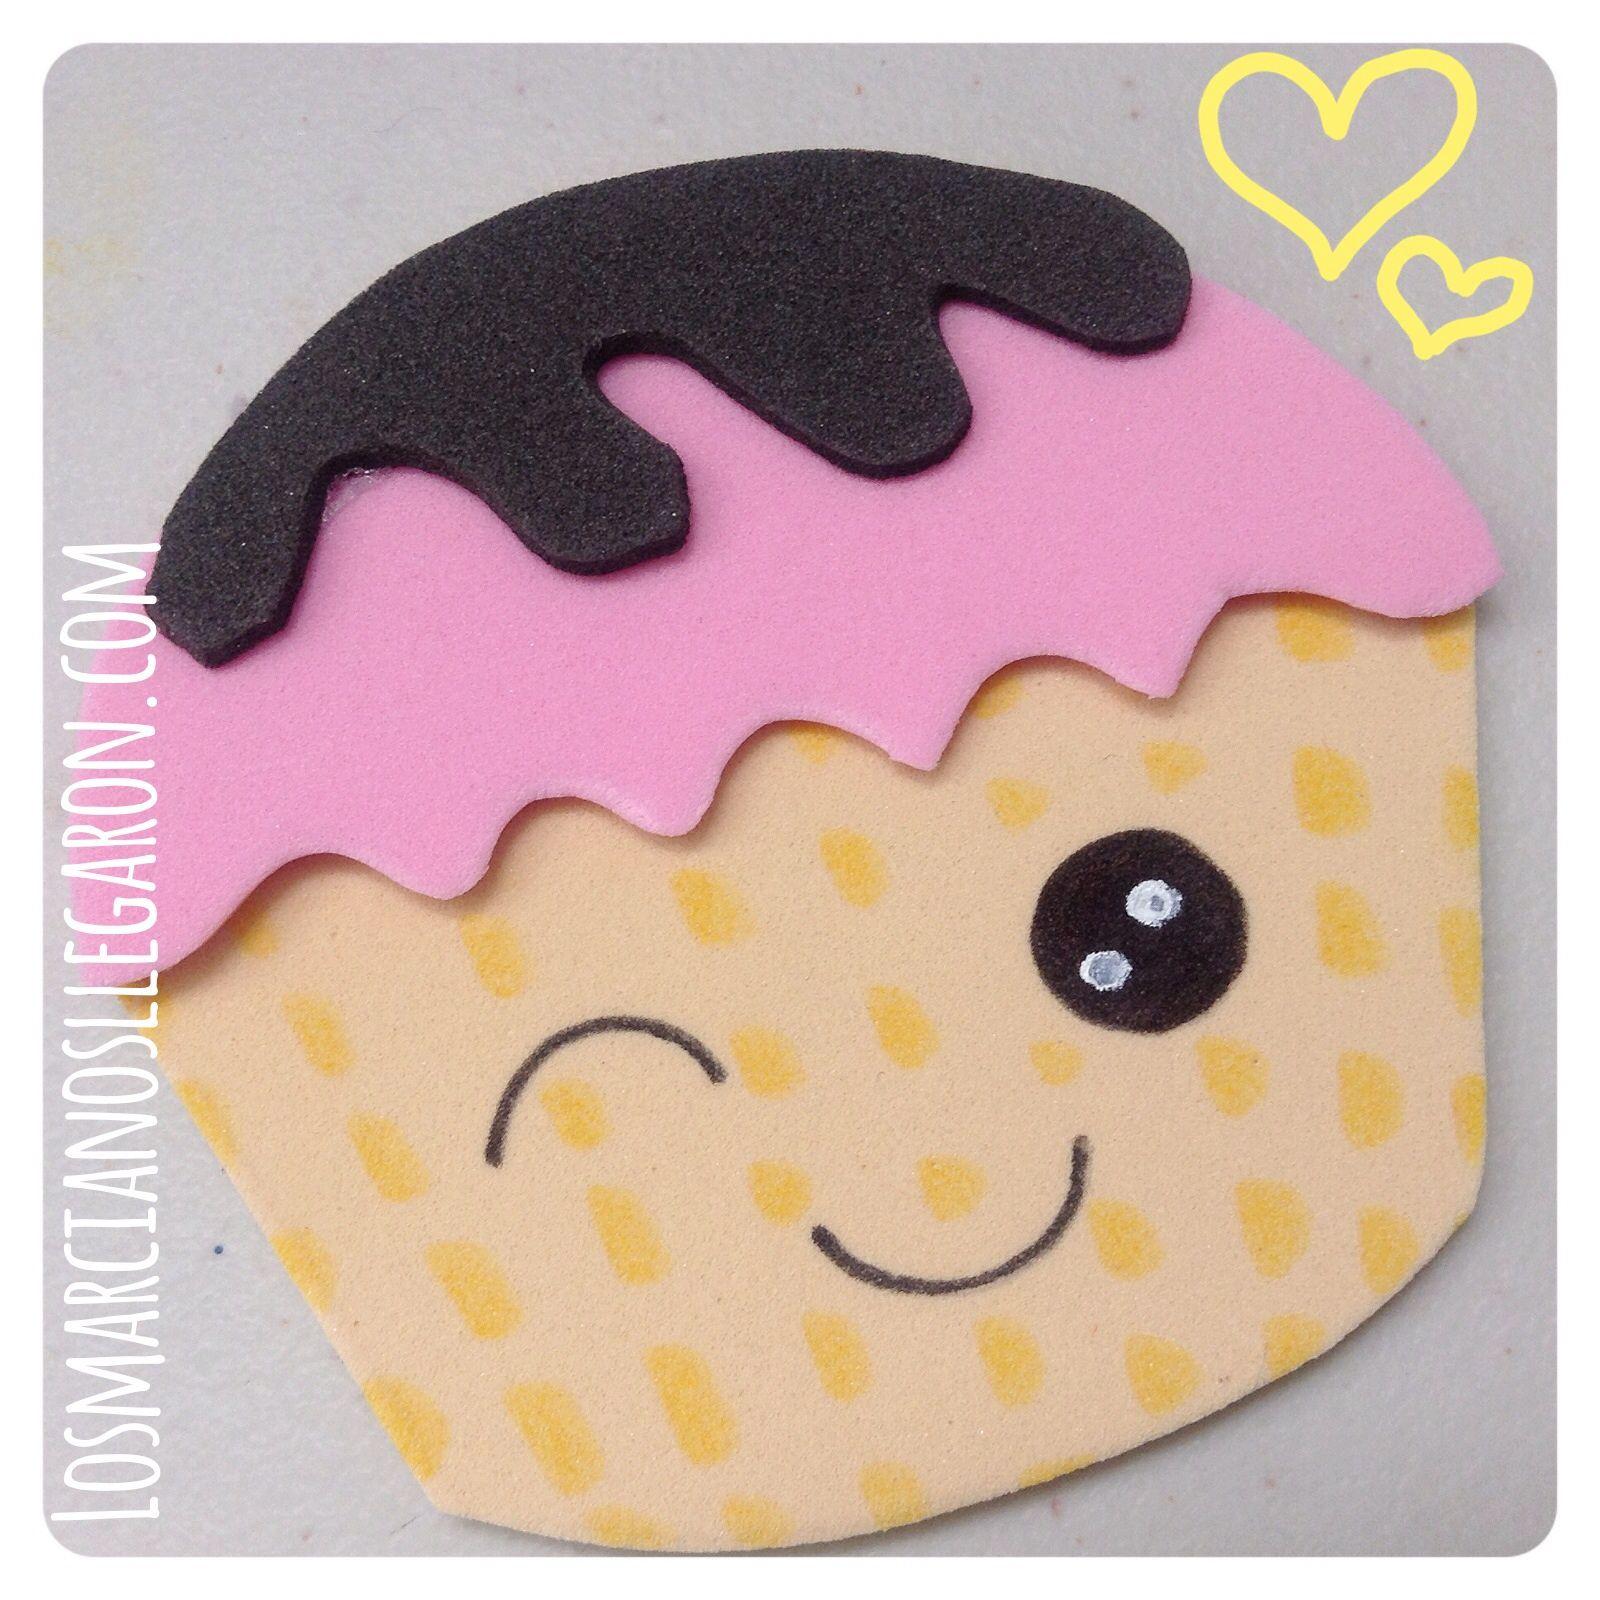 """Algun@ de ustedes se ha dejado fascinar por el nuevo arte de decoración de Cupcakes? Yo veo con asombro las """"obras de arte"""" que realizan muchos pasteleros, y que han permeado hacia otra…"""